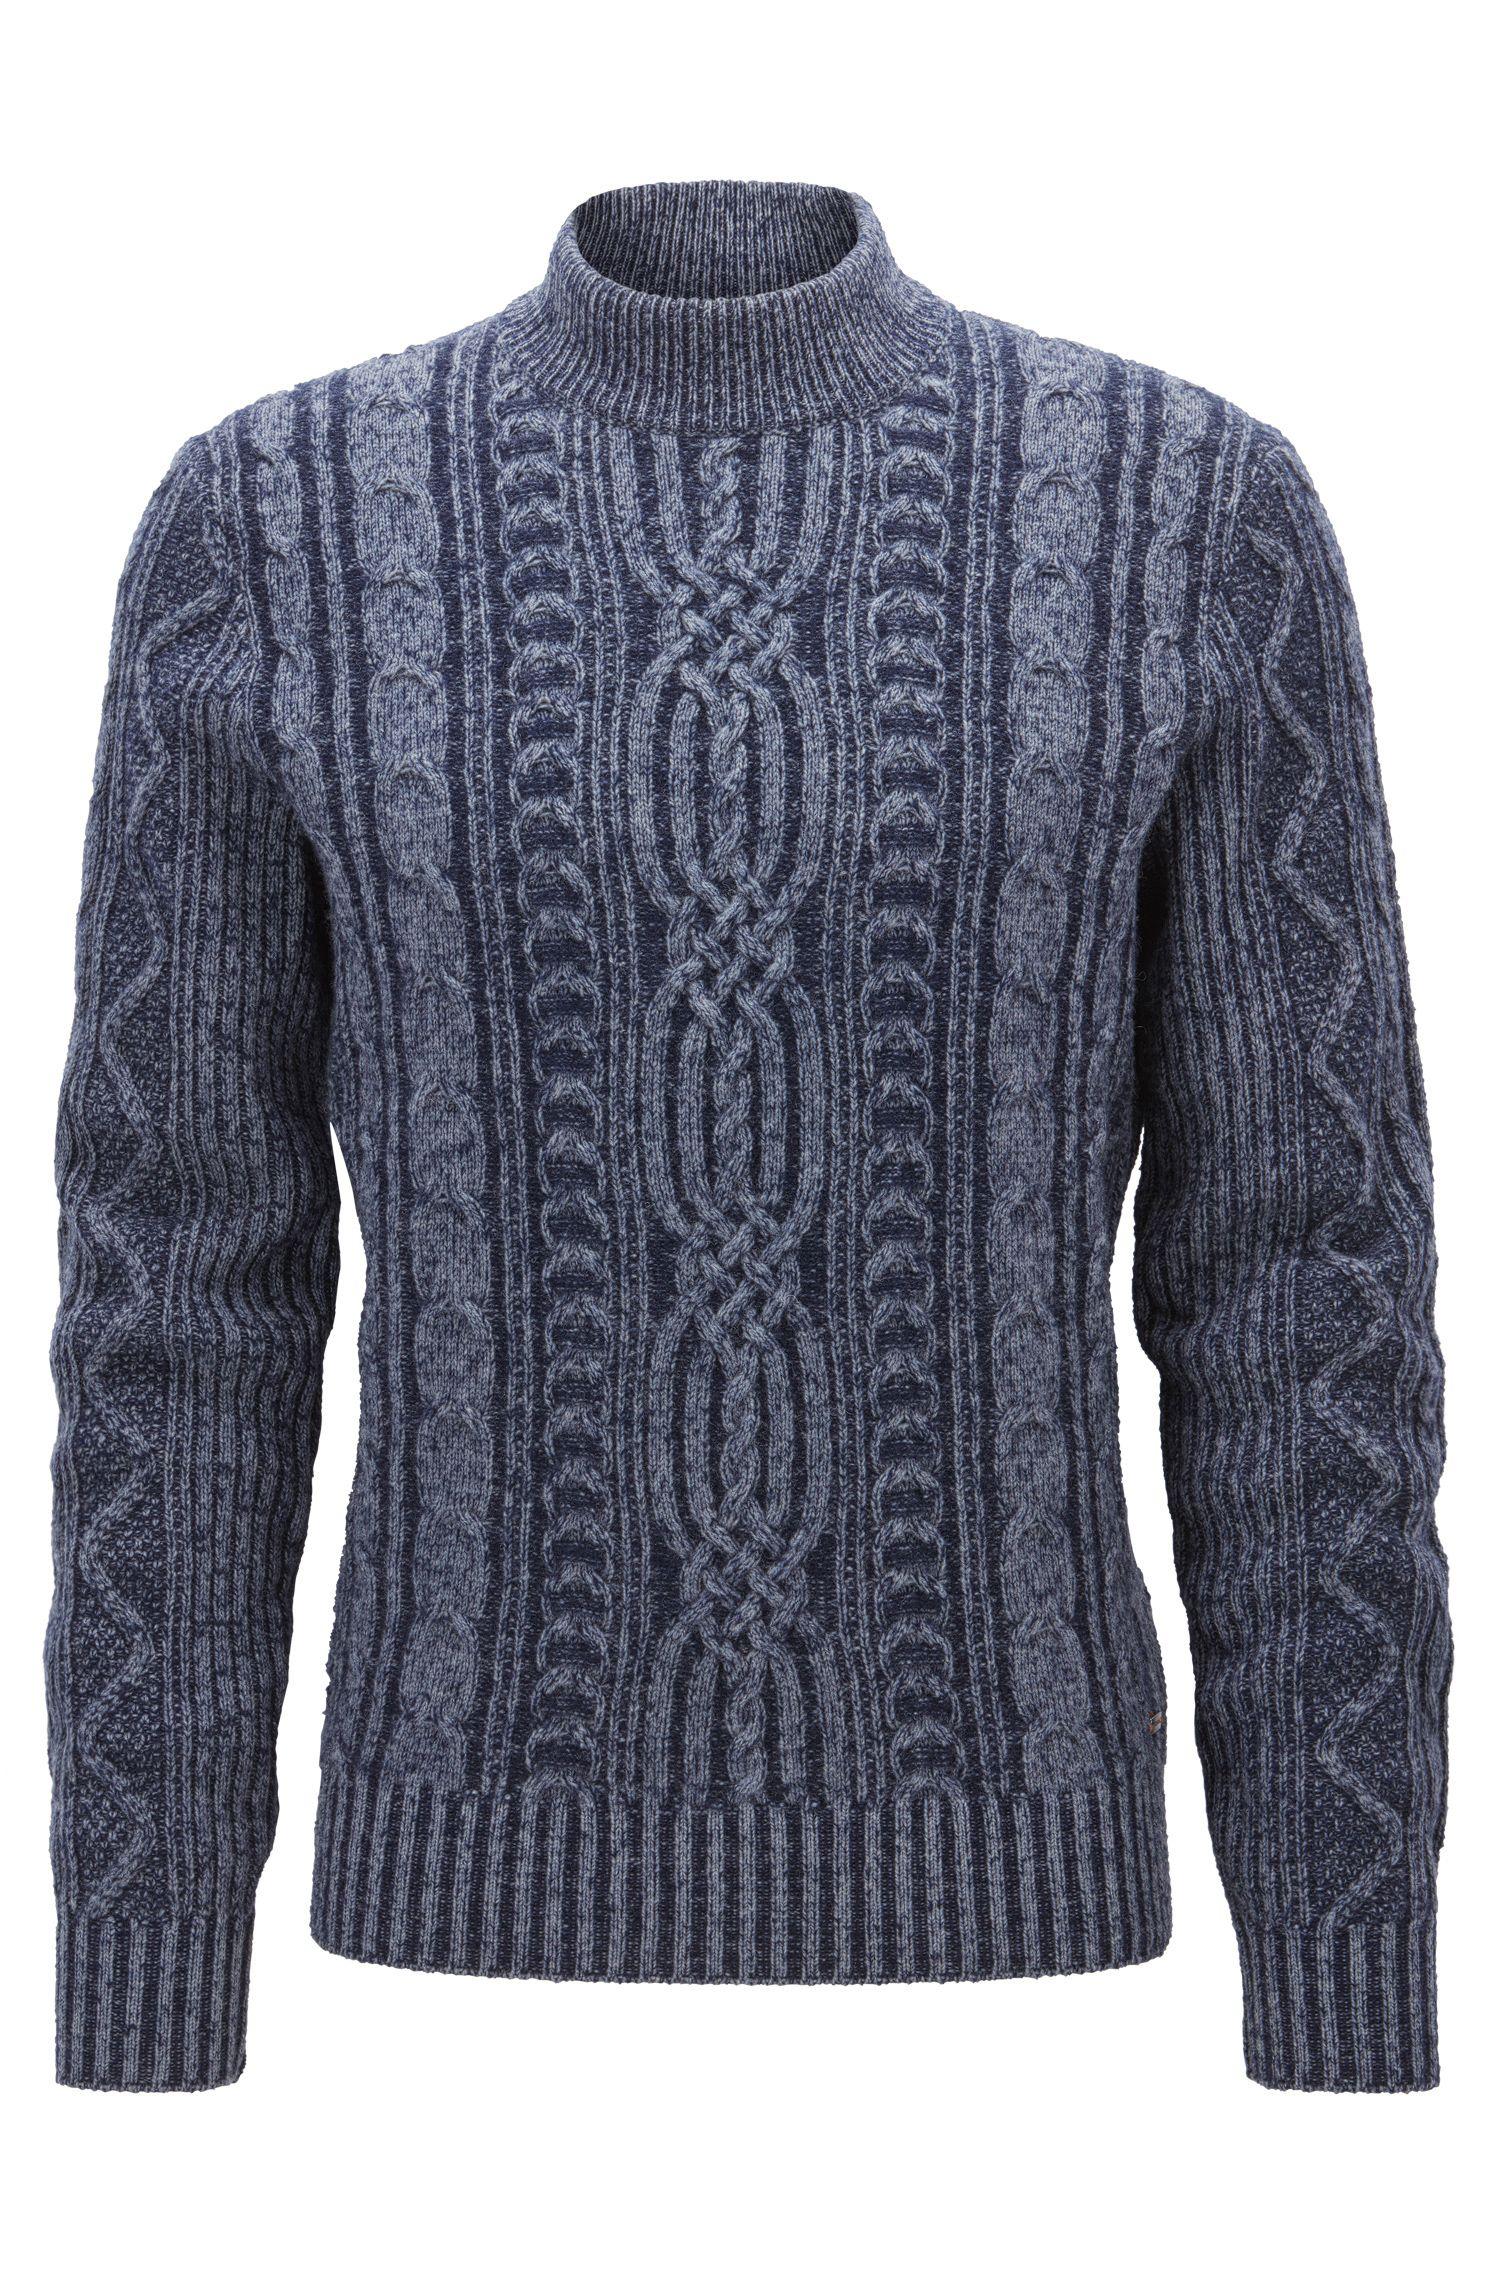 Mock turtle-neck sweater in a wool blend